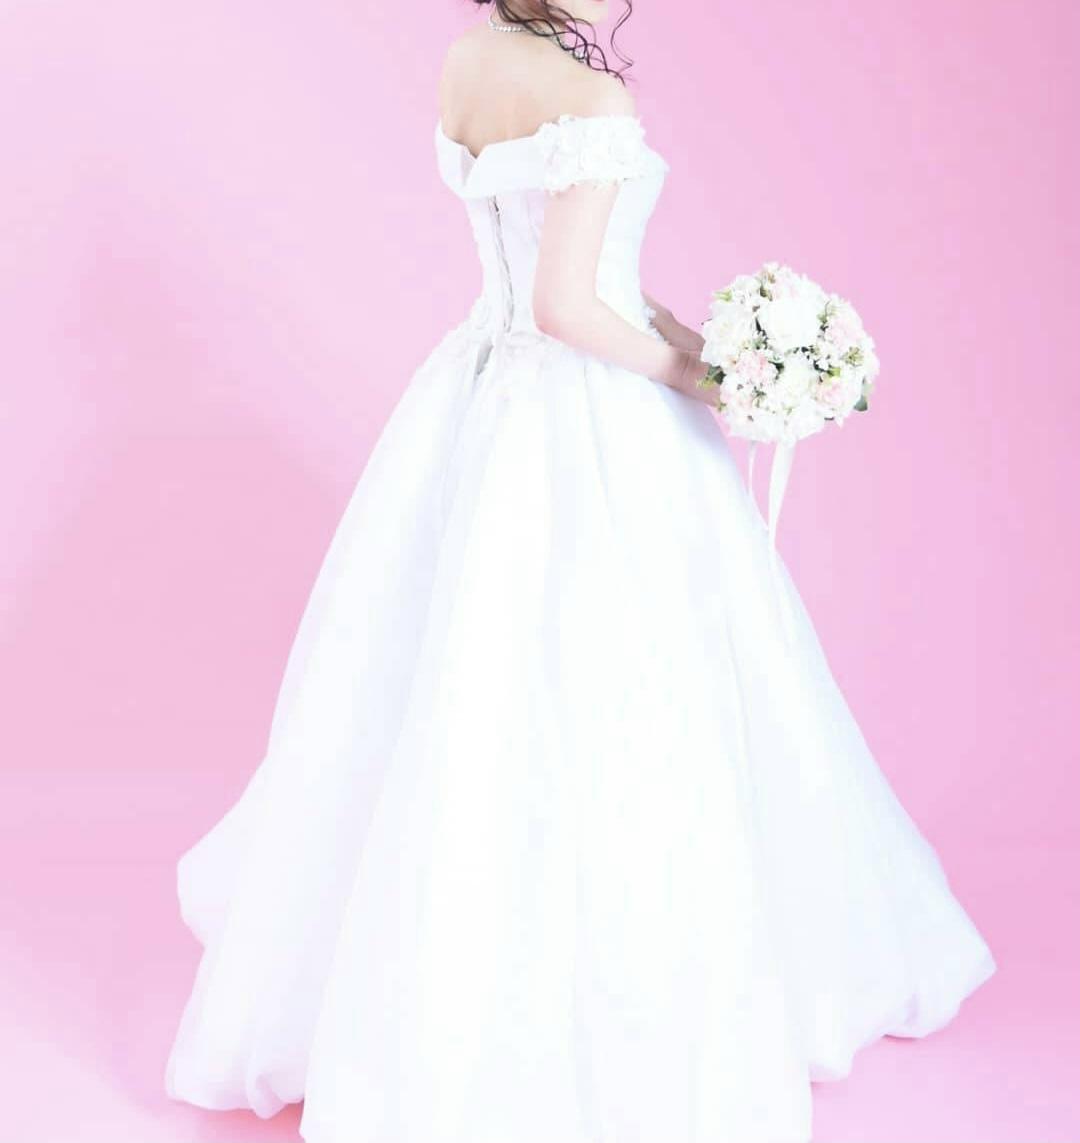 オーディション agaru ブライダルモデル募集 新作ドレスの広告、カタログの撮影 主催:agaru、カテゴリ:モデル